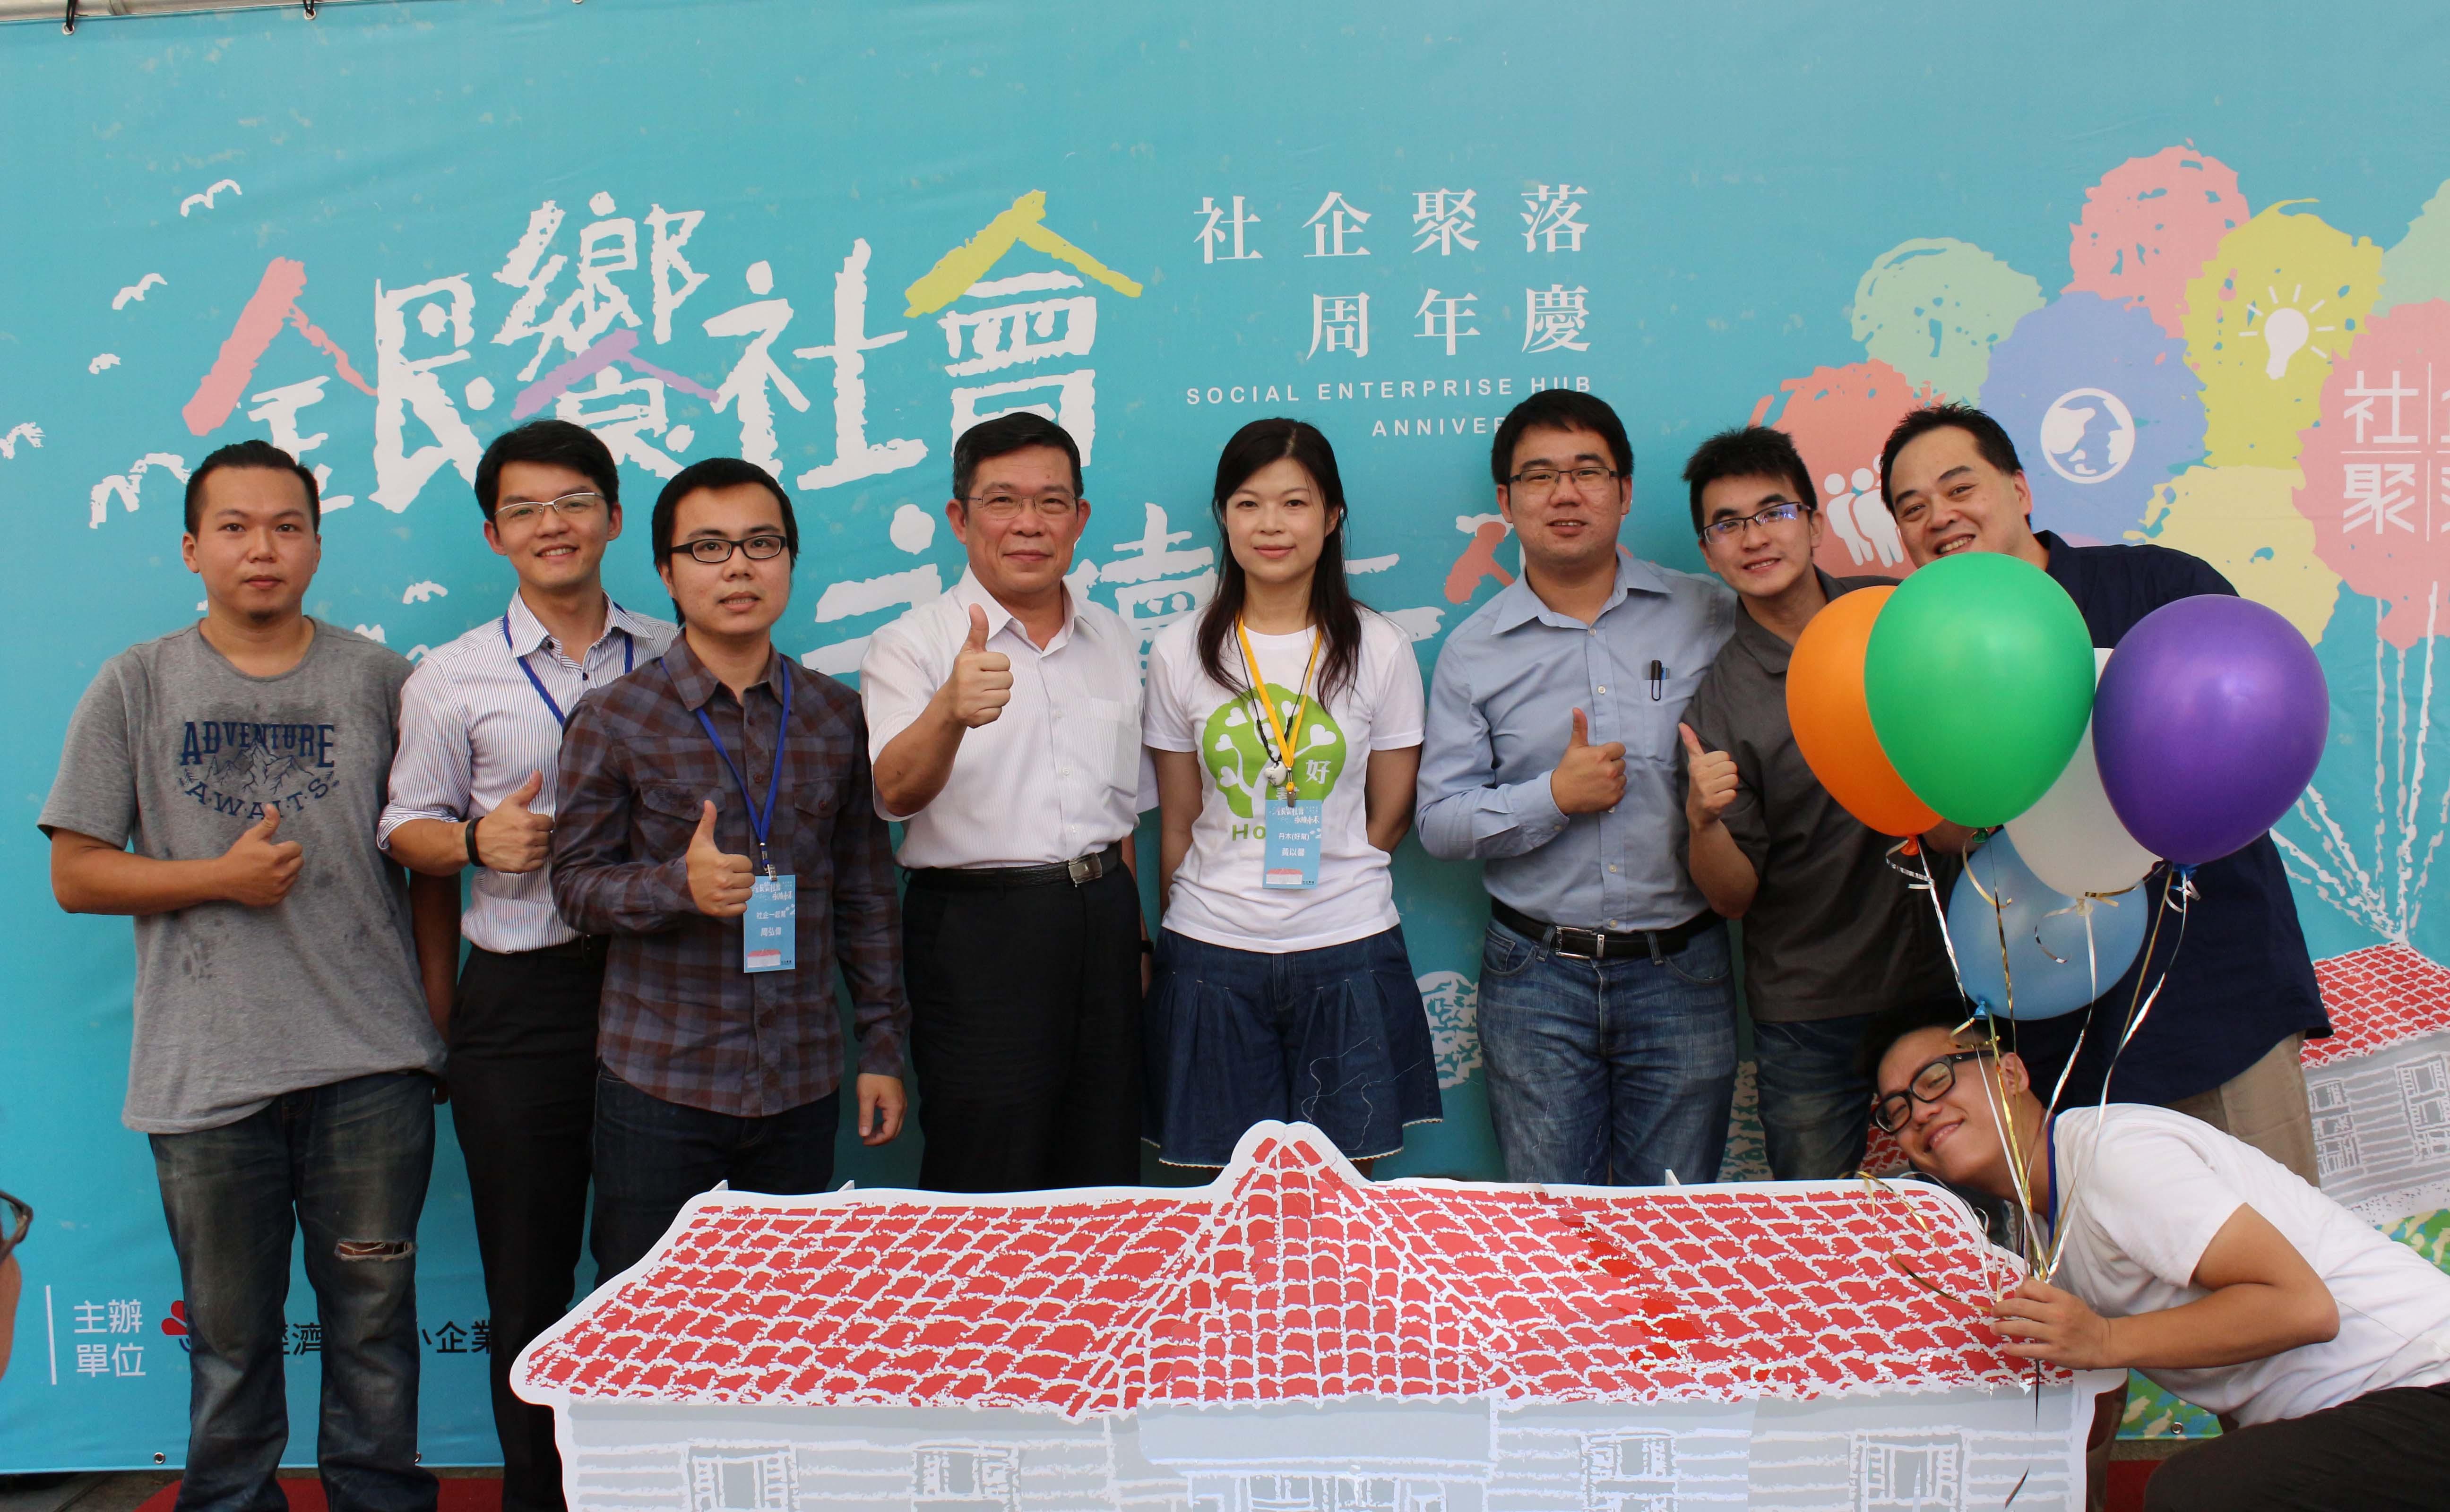 經濟部中小企業處林志成主祕傳承象徵夢想與活力的氣球給進駐社企團隊